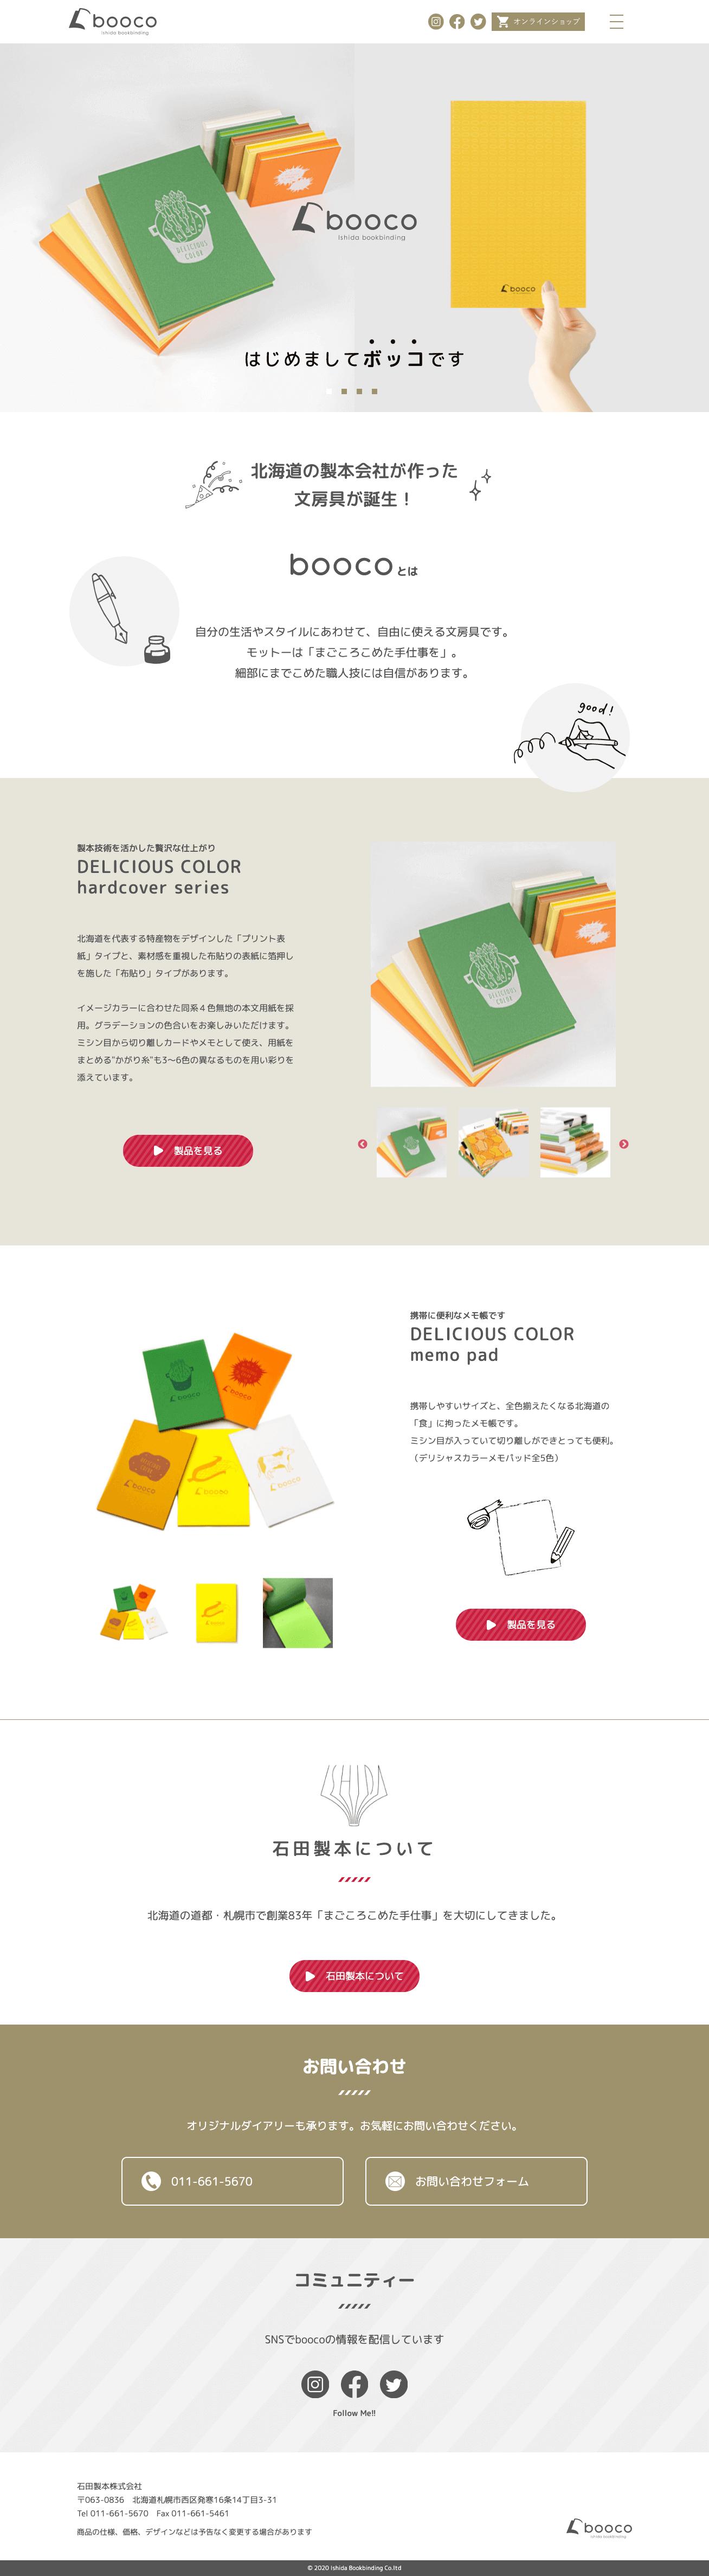 石田製本株式会社様 ステーショナリーブランドサイト「booco」pcイメージ